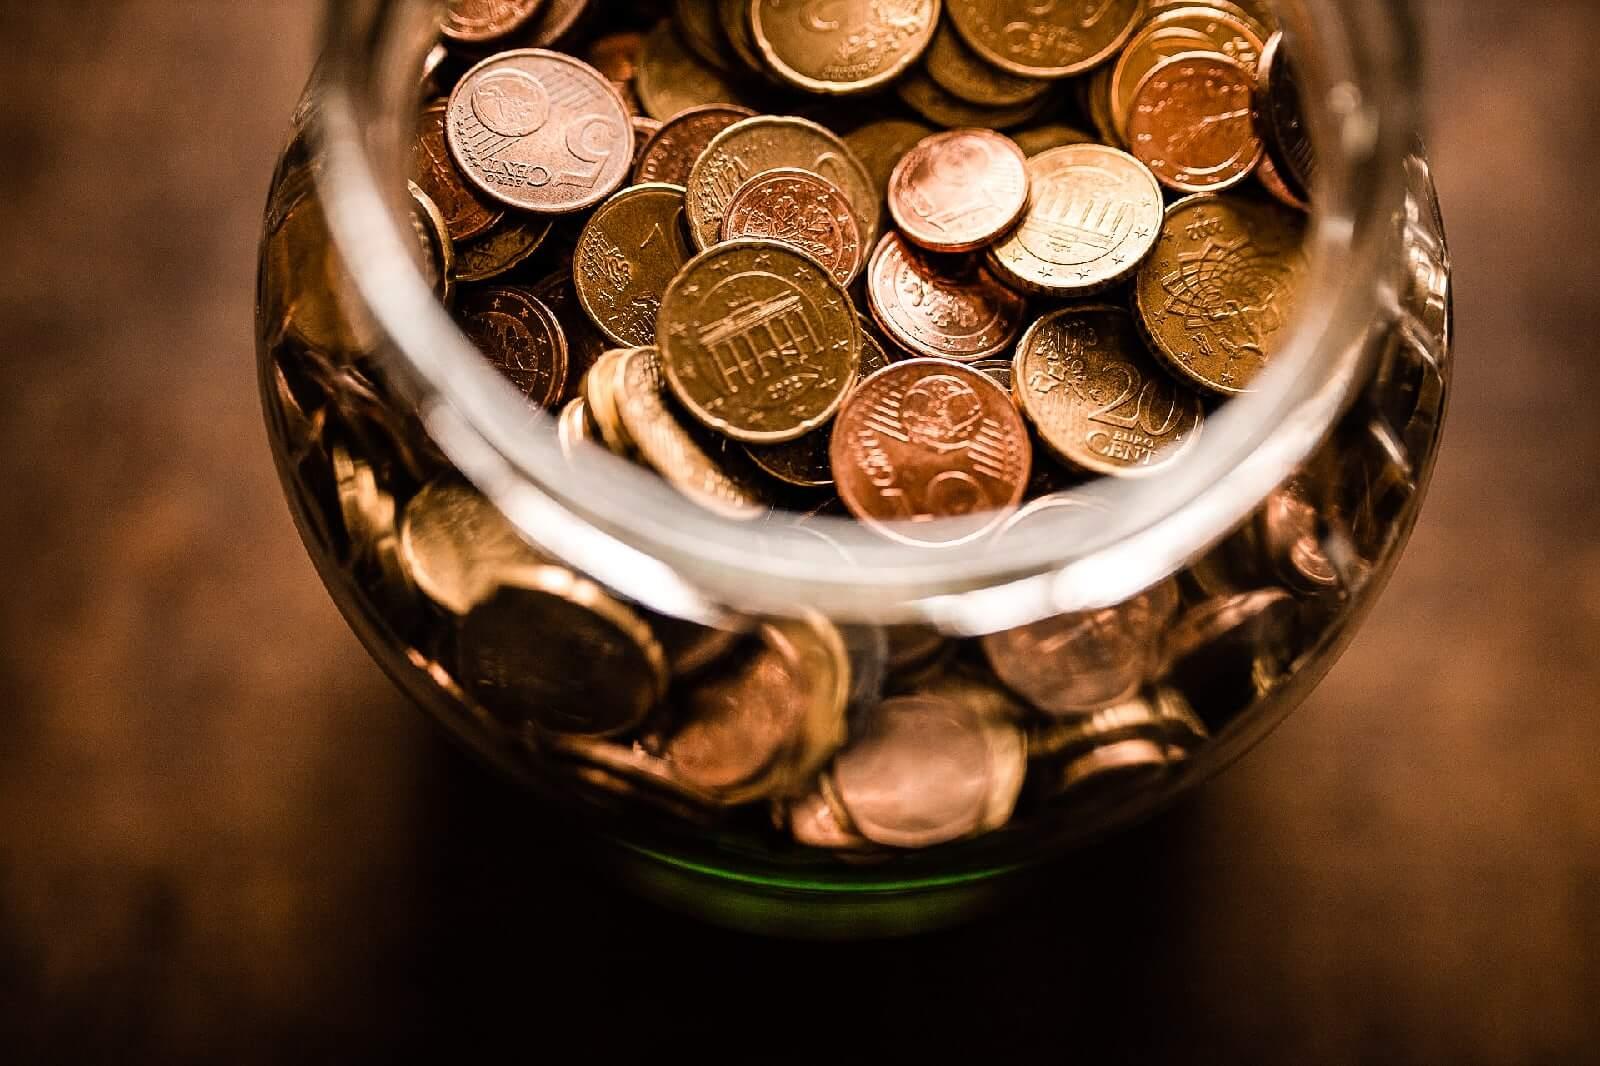 Финансовая грамотность для детей. Карманные деньги